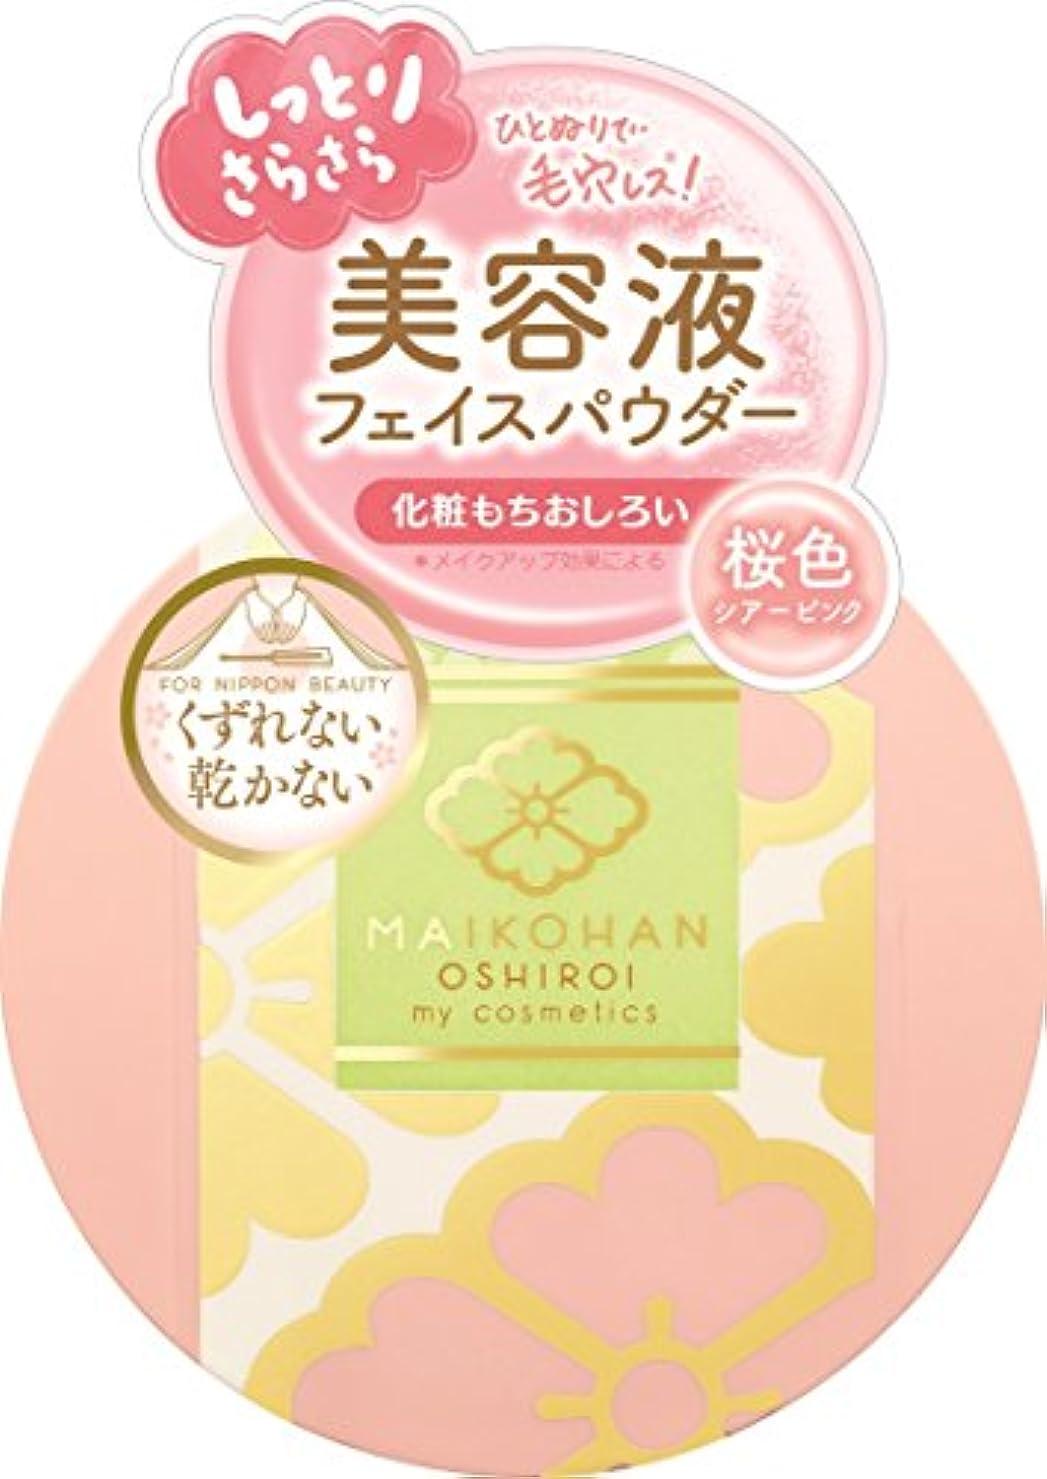 ハンマー公然と等舞妓はんおしろい01桜色(シアーピンク)